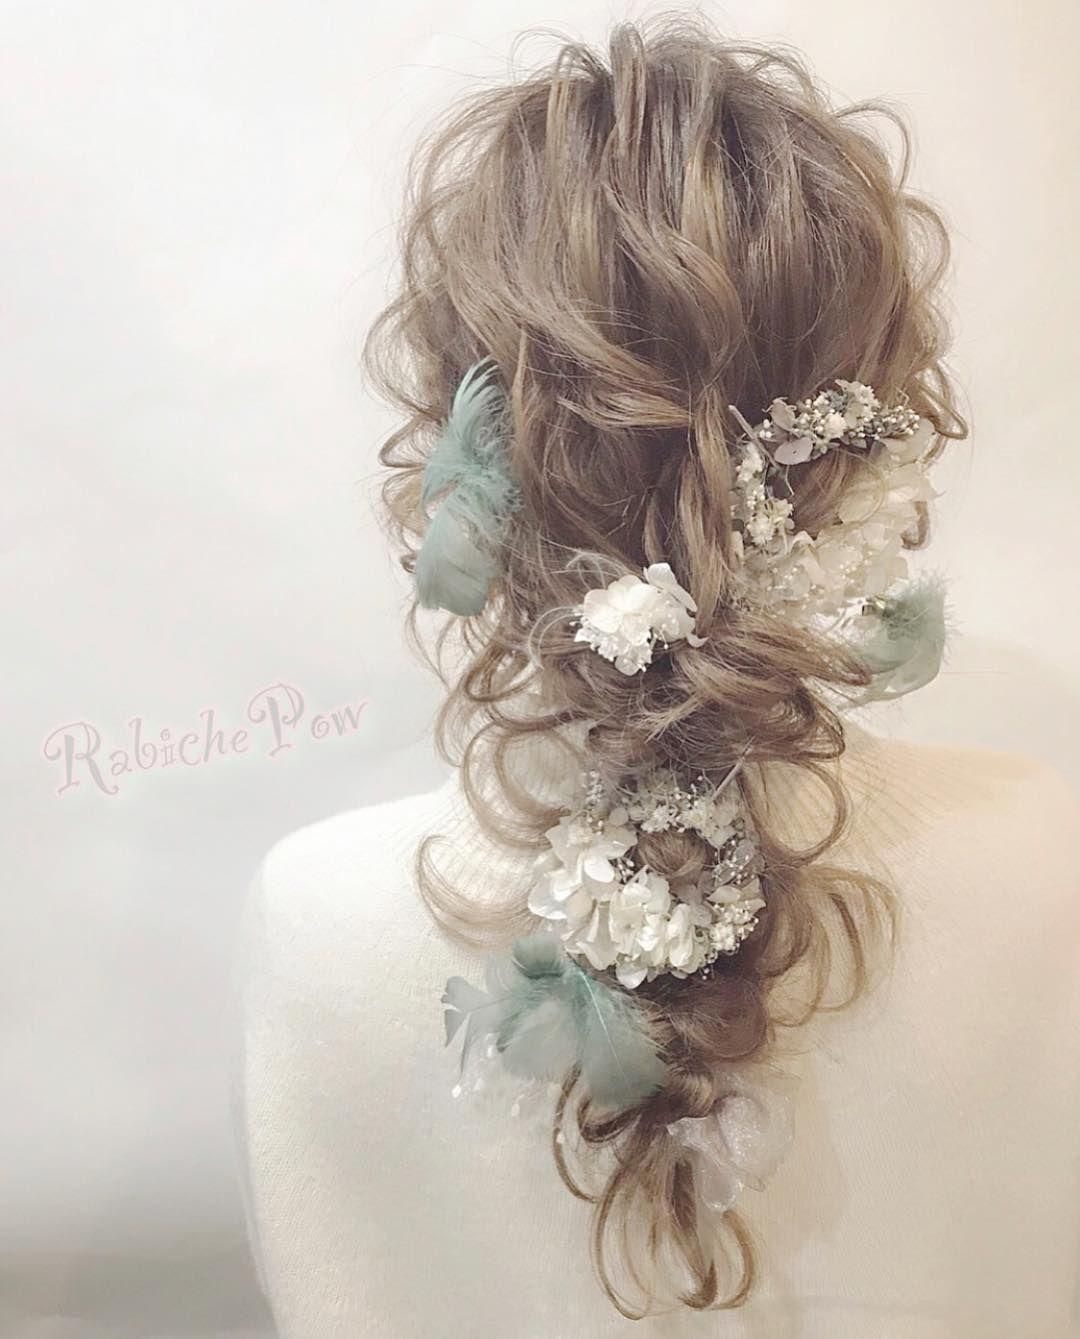 プレ花嫁の結婚式準備アプリ ウェディングニュース さんはinstagramを利用しています Weddingnews Editor 素敵すぎる 編み下ろし 10選 こちらのお写真は Rabichepow Chihiro さんからリグラムさせていただきました ありがとうございました Frau